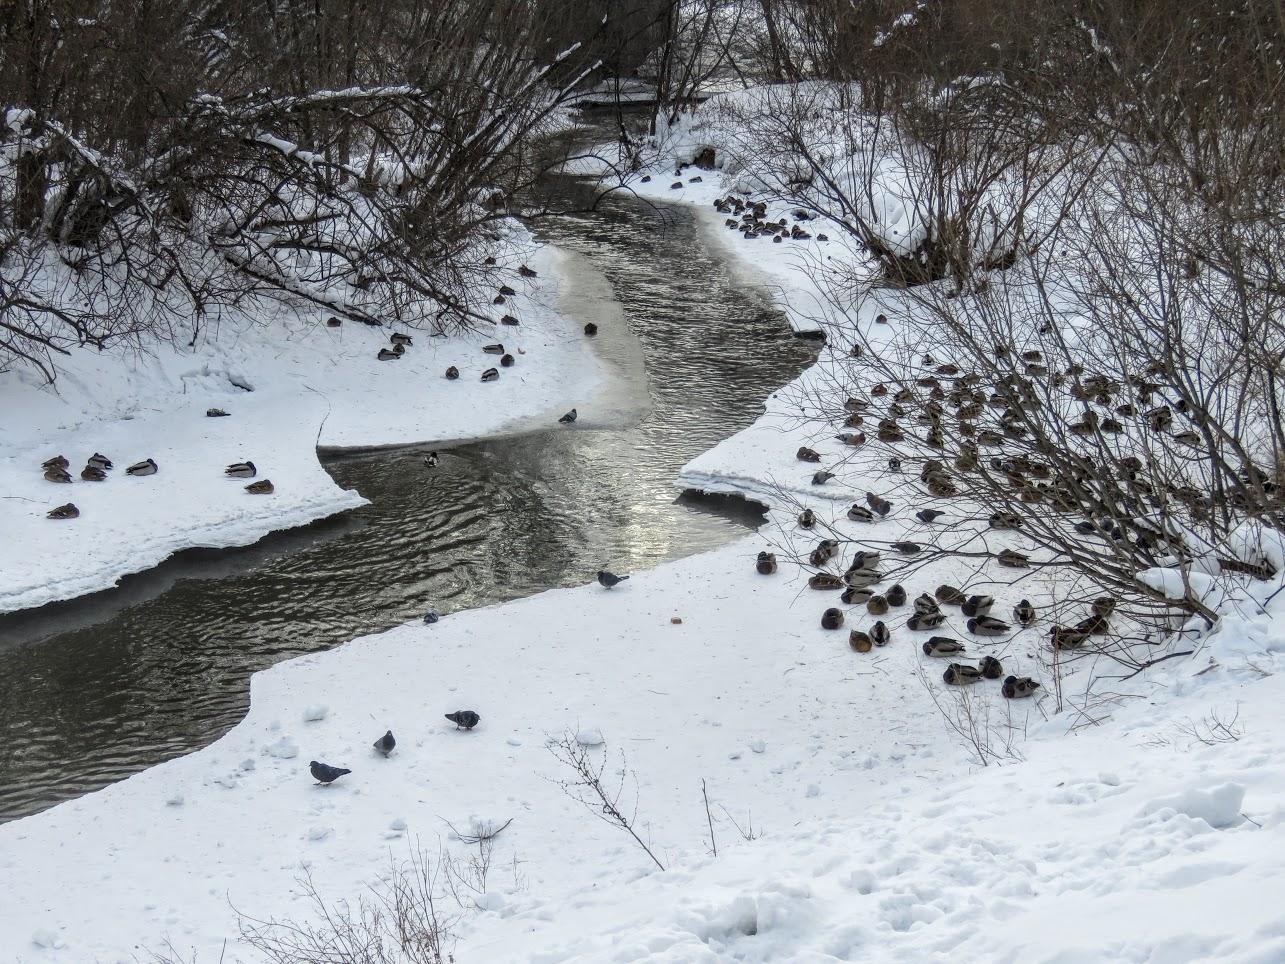 Хохлатые свиристели и Искитимка оттаяла, много воды и о погоде IMG 0771